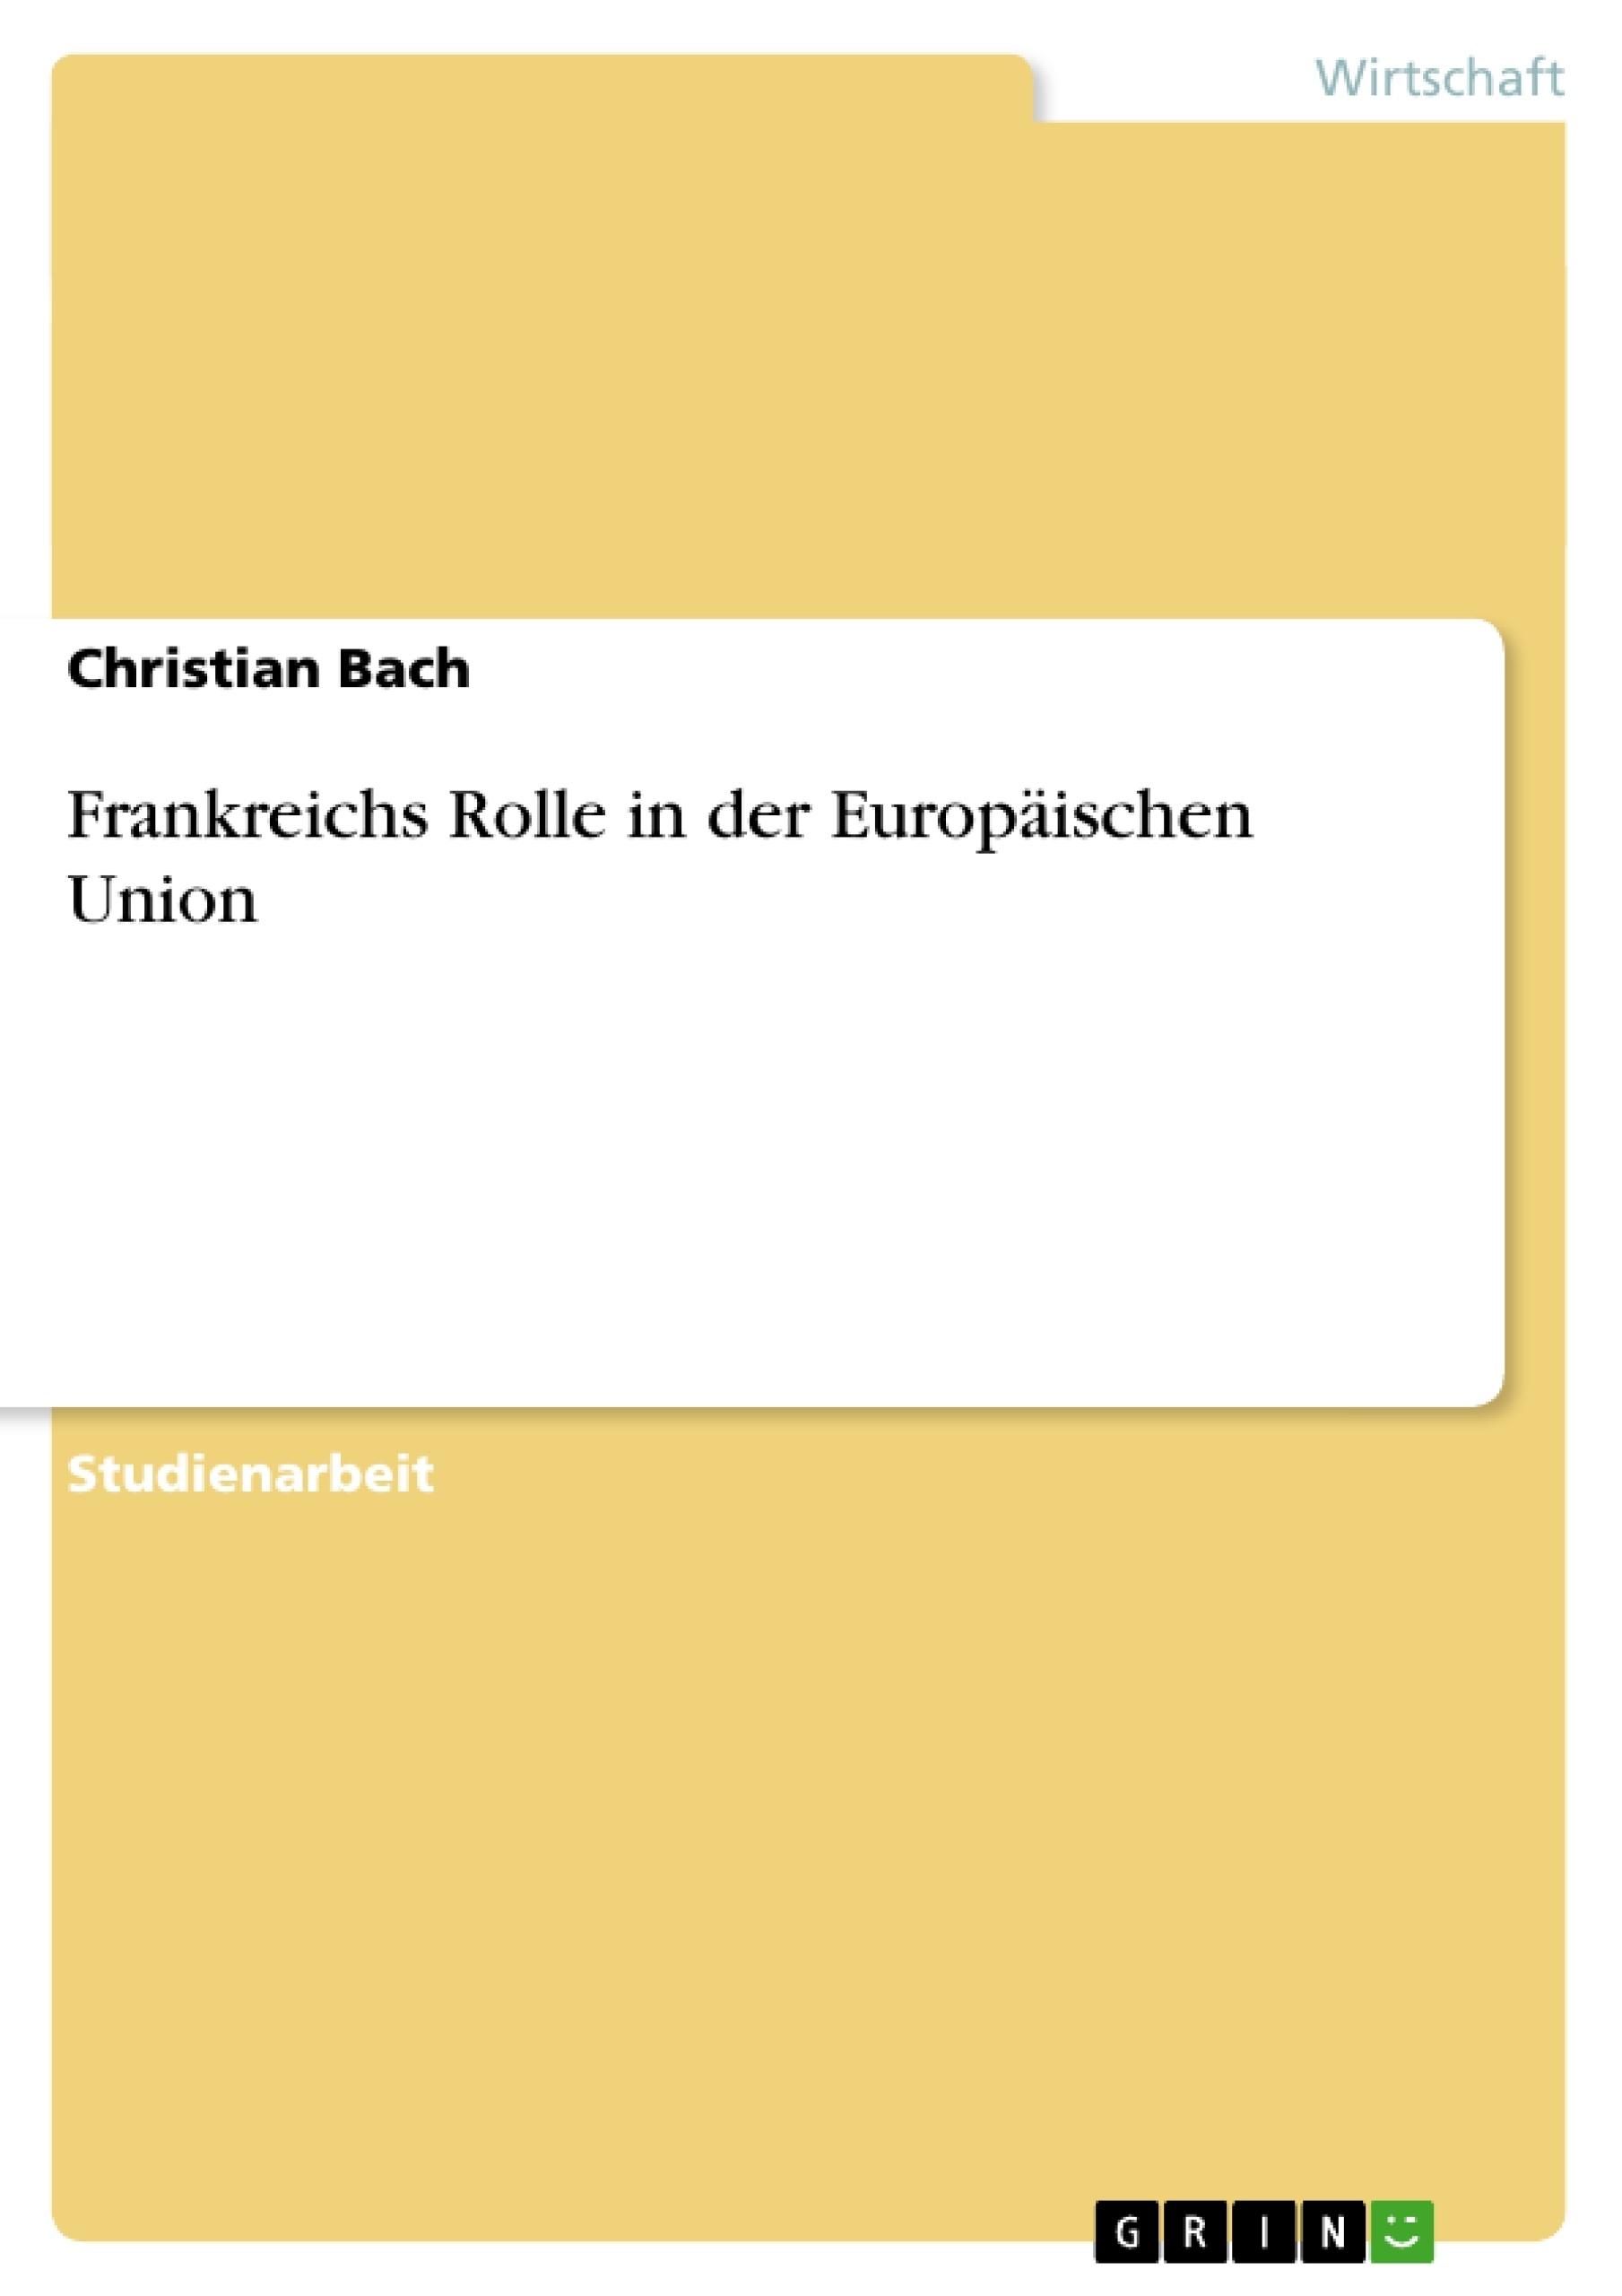 Titel: Frankreichs Rolle in der Europäischen Union